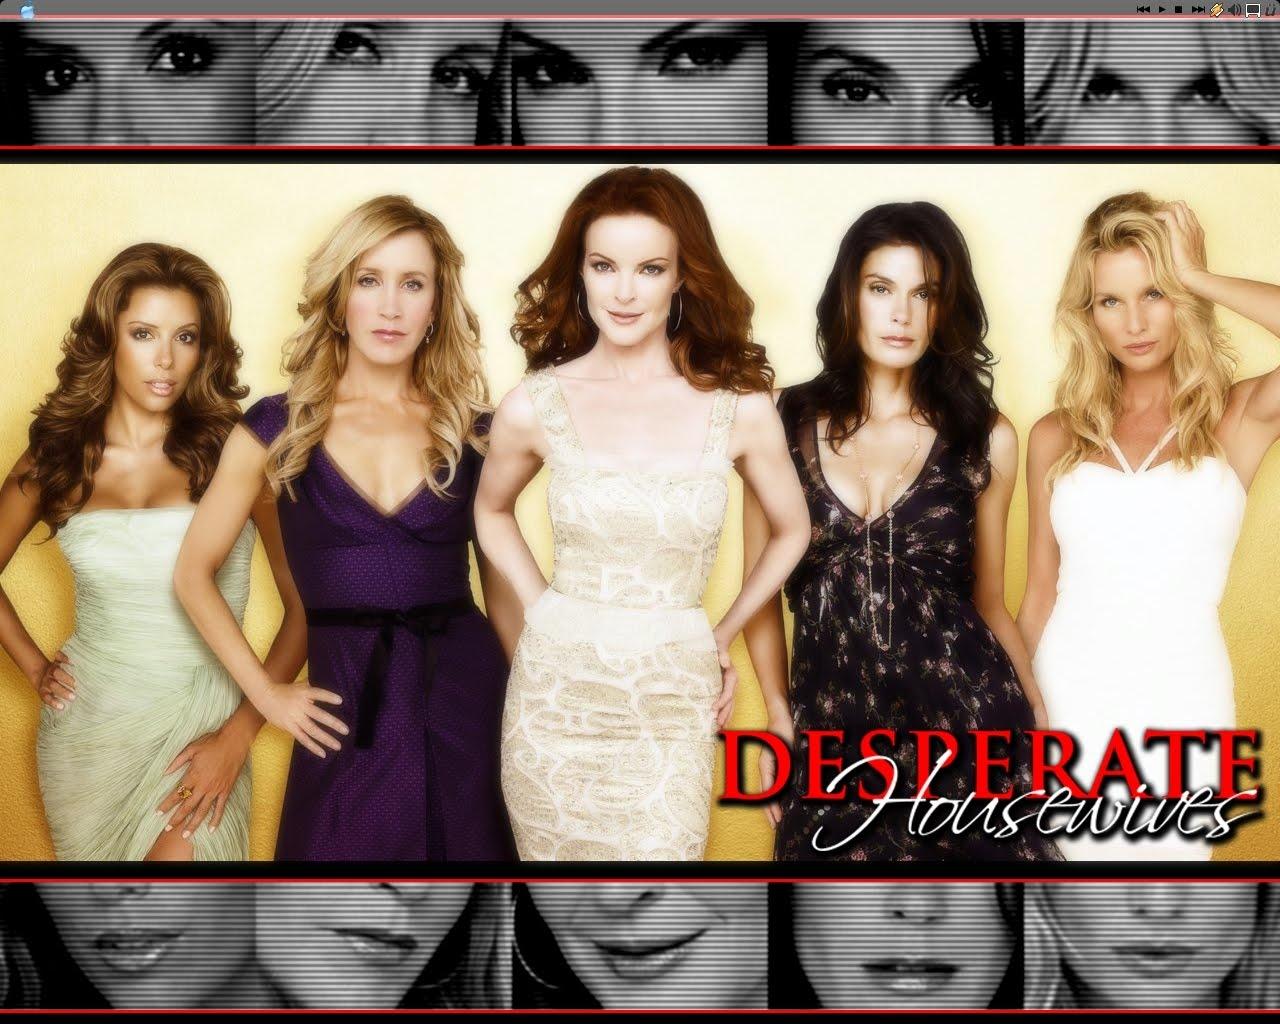 http://1.bp.blogspot.com/_RgT4uLka32g/TG7ZRedH3OI/AAAAAAAAMXY/D3f3r44MrXo/s1600/Desperate-Housewives-desperate-housewives-10040160-1280-1024.jpg